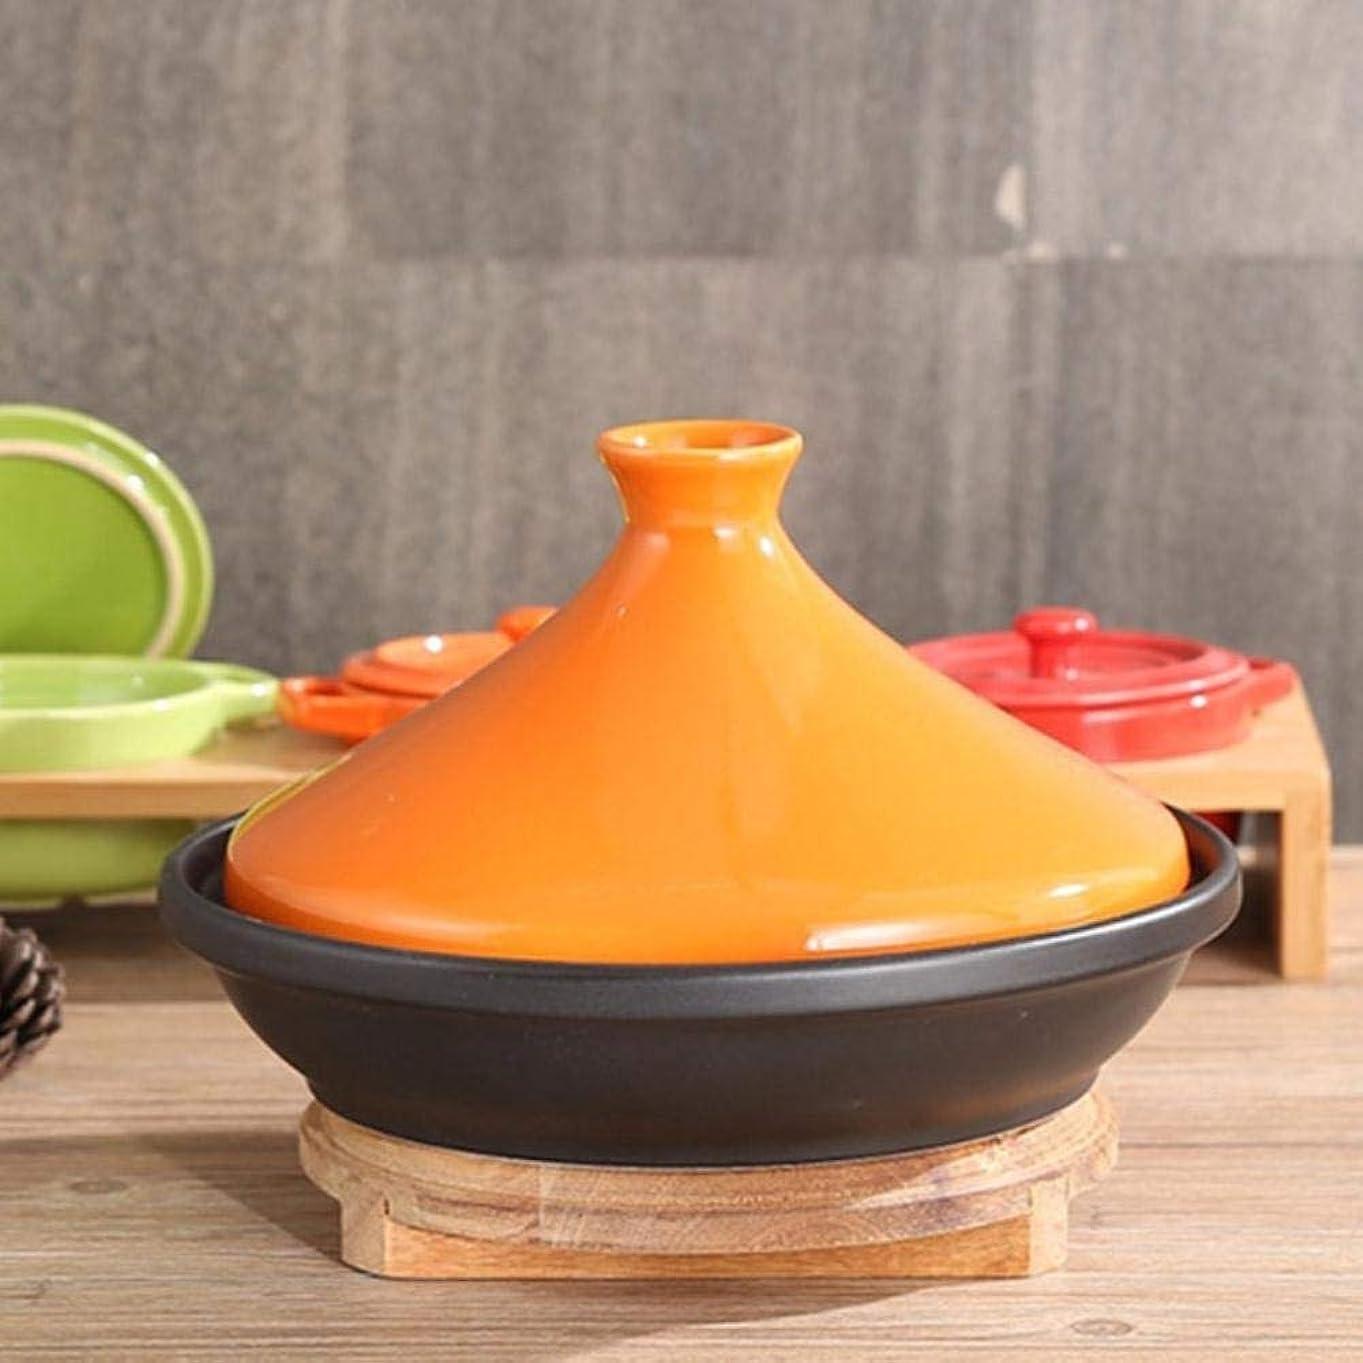 意味するサスペンド吹雪パンエナメルクッカーN H2料理タジン鍋ダブル耳キャセロールモロッコセラミック鍋シーフード鍋ご飯シチュー、カラー:オレンジ、容量:<1L (Color : Orange)